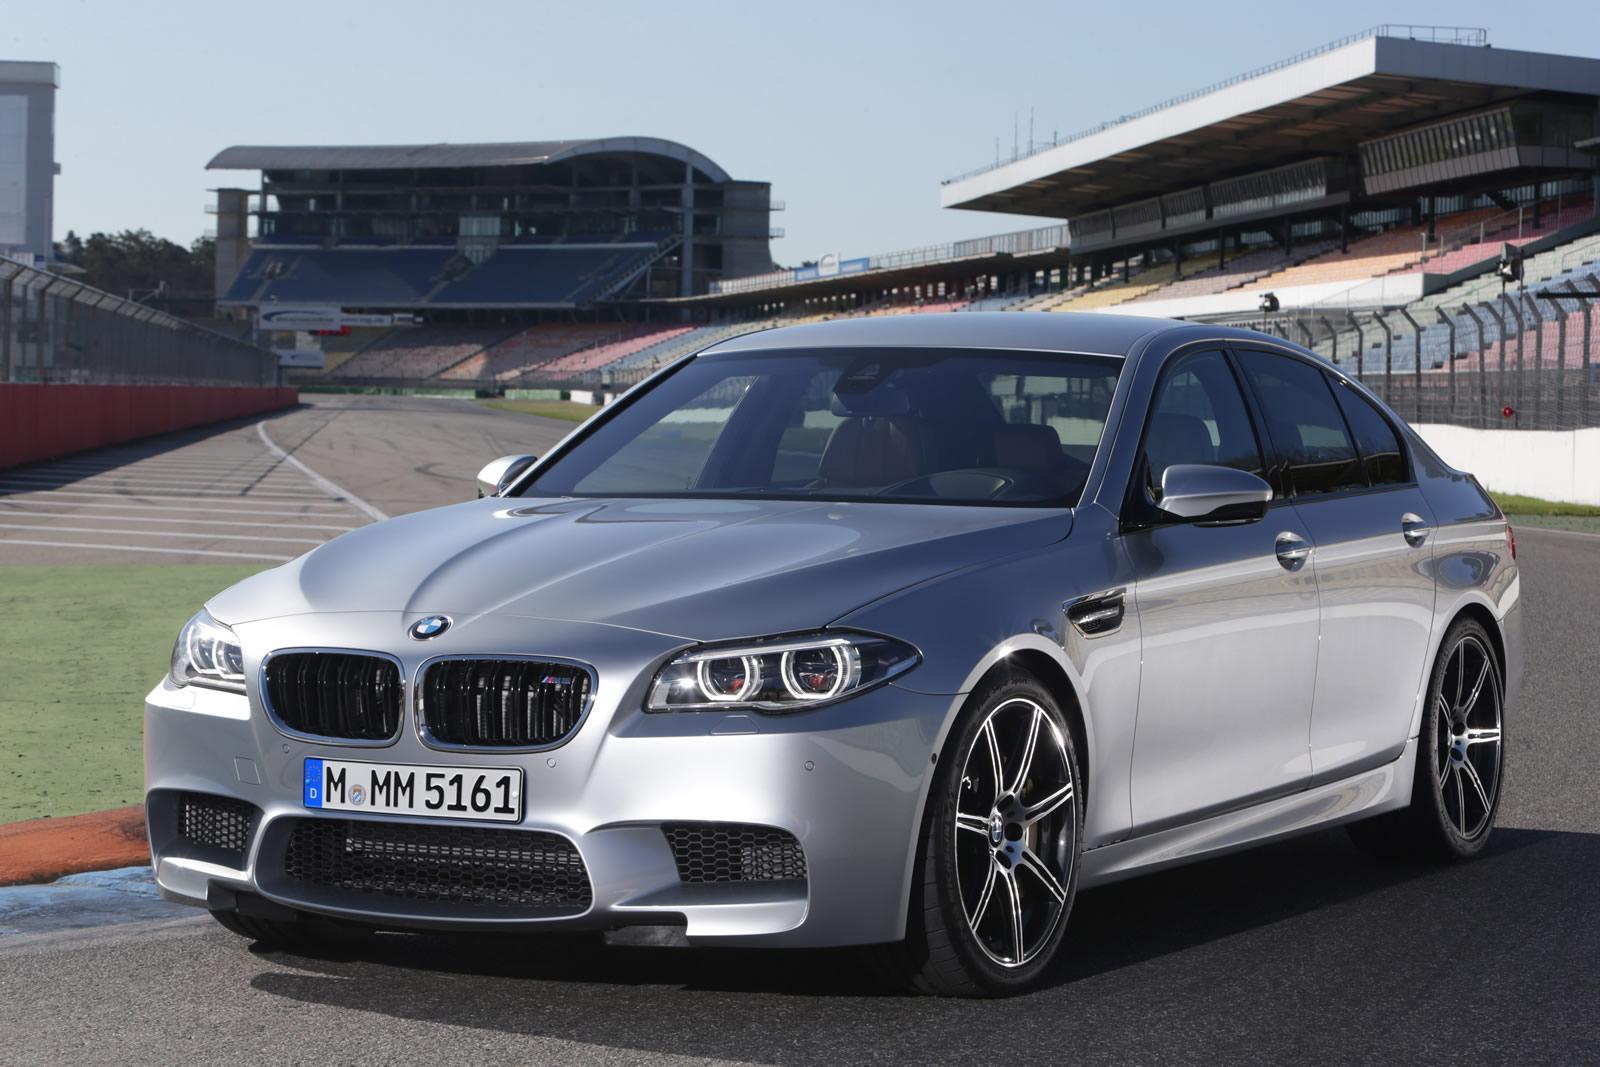 http://images.caradisiac.com/images/6/7/9/3/86793/S0-Nouvelles-BMW-M5-et-M6-Competition-Package-15-ch-293899.jpg